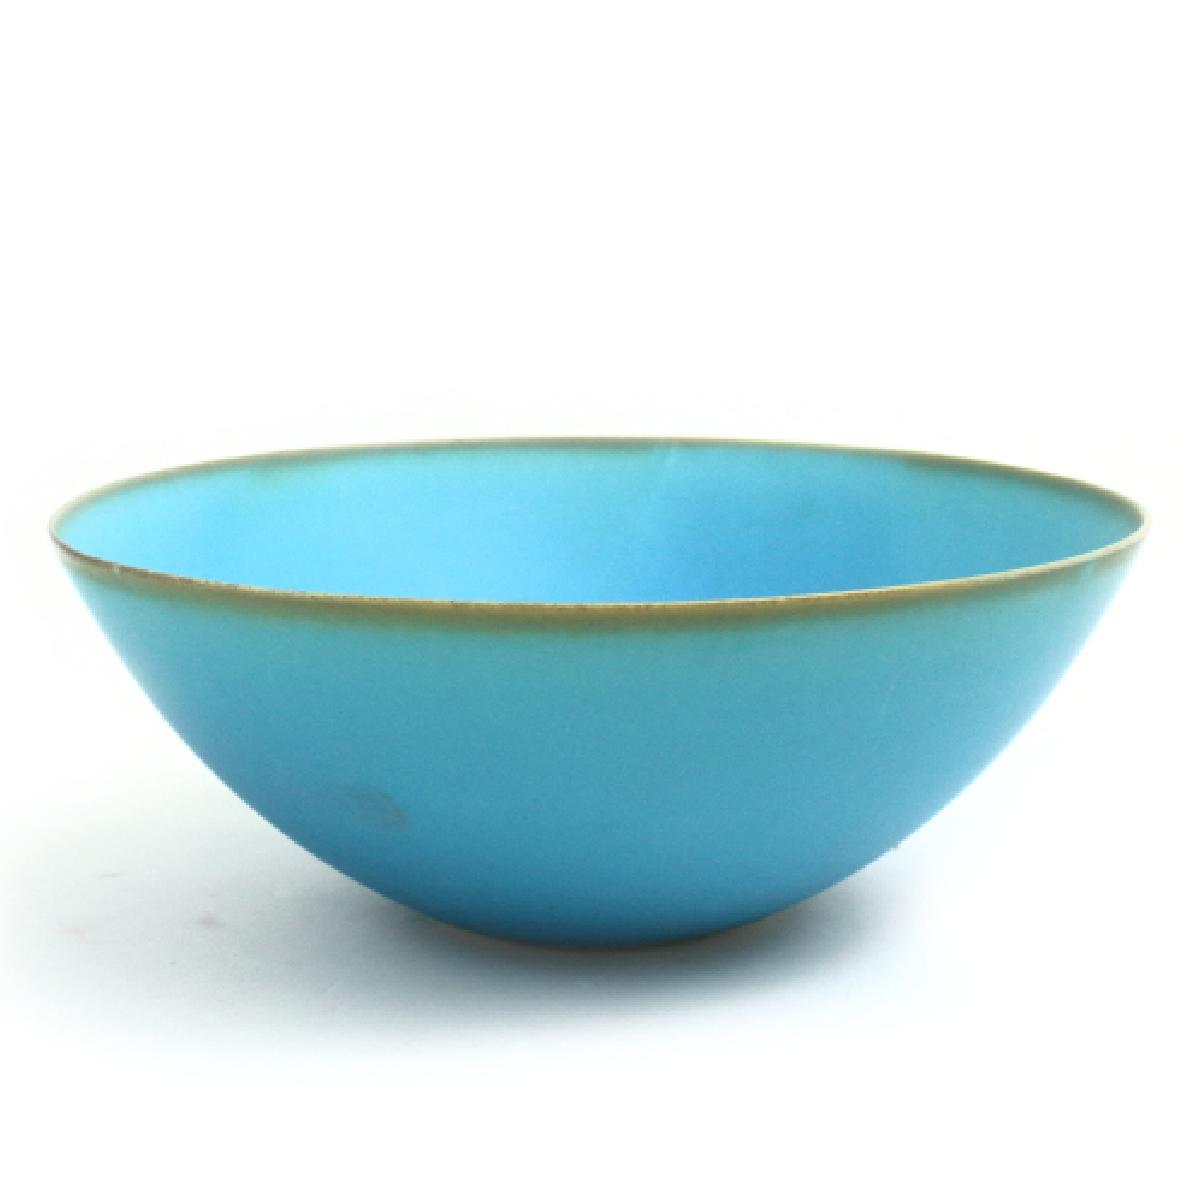 Bowl L スターブルー 詳細画像1